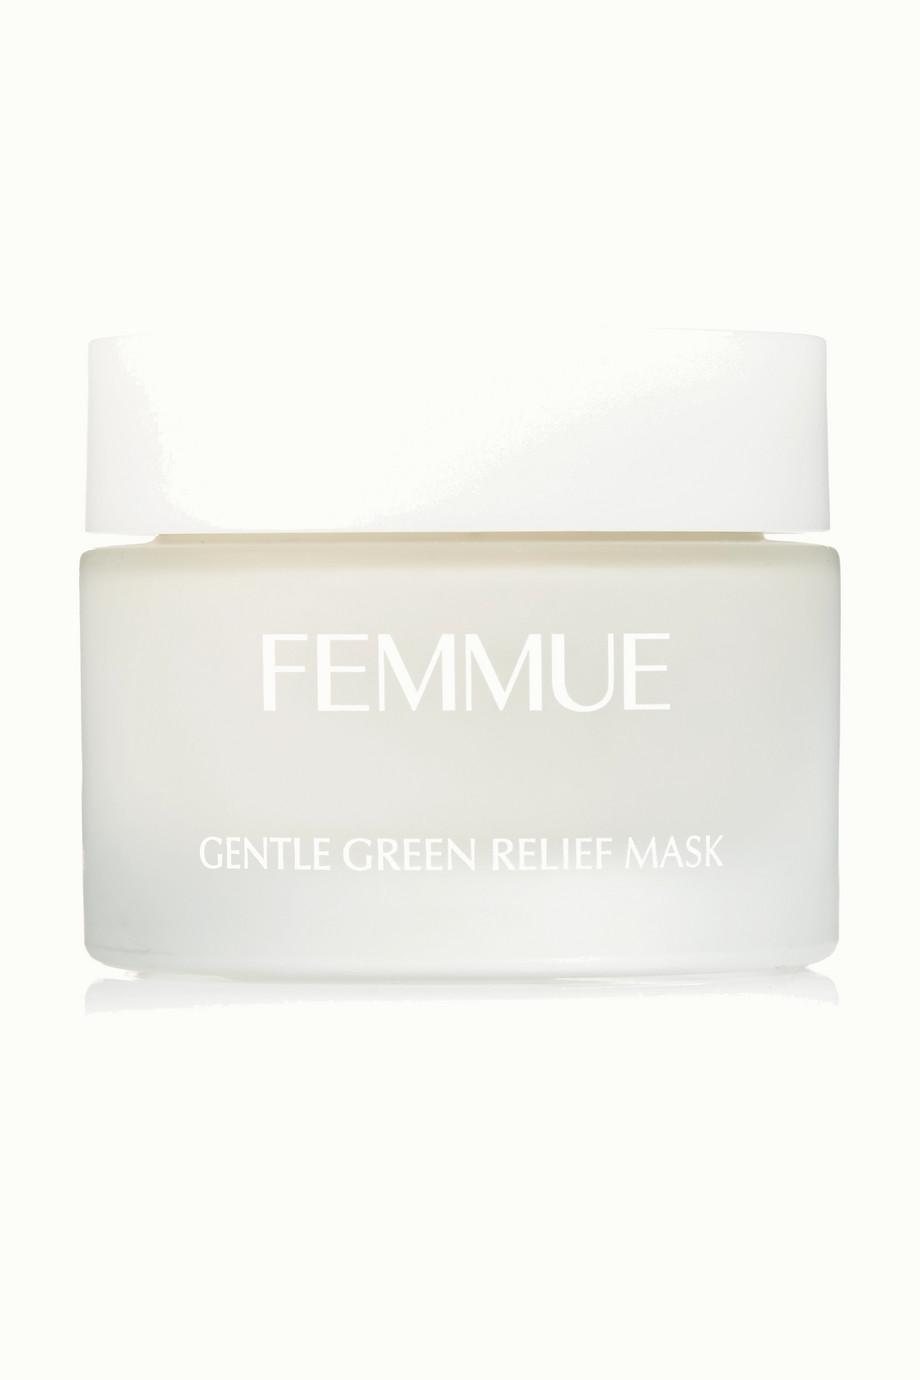 FEMMUE Gentle Green Relief Mask, 50g